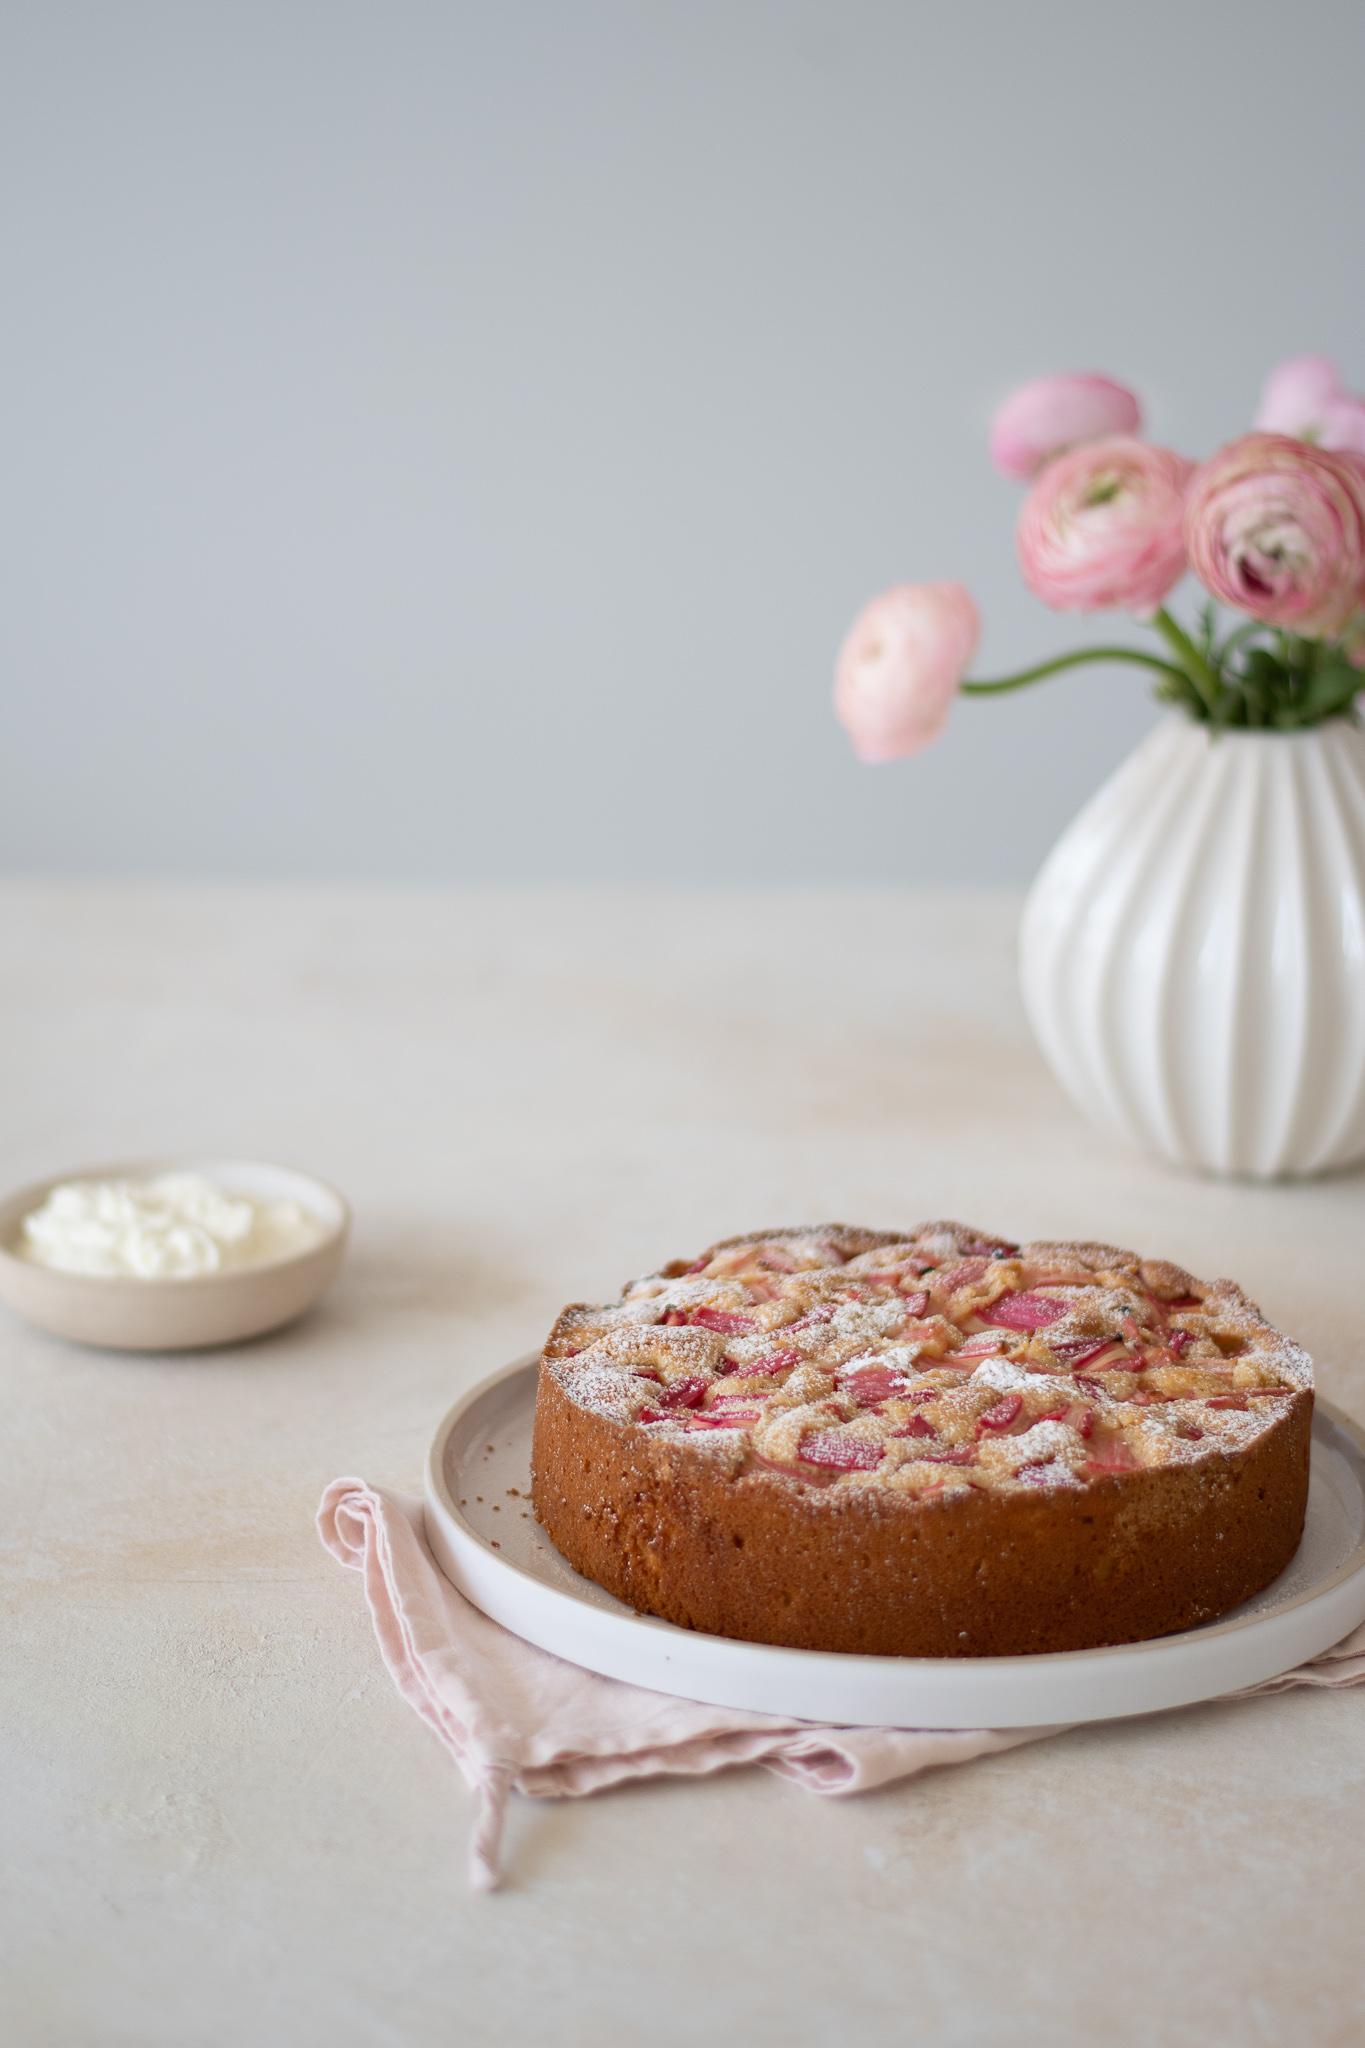 Rhubarb & Ginger Cake